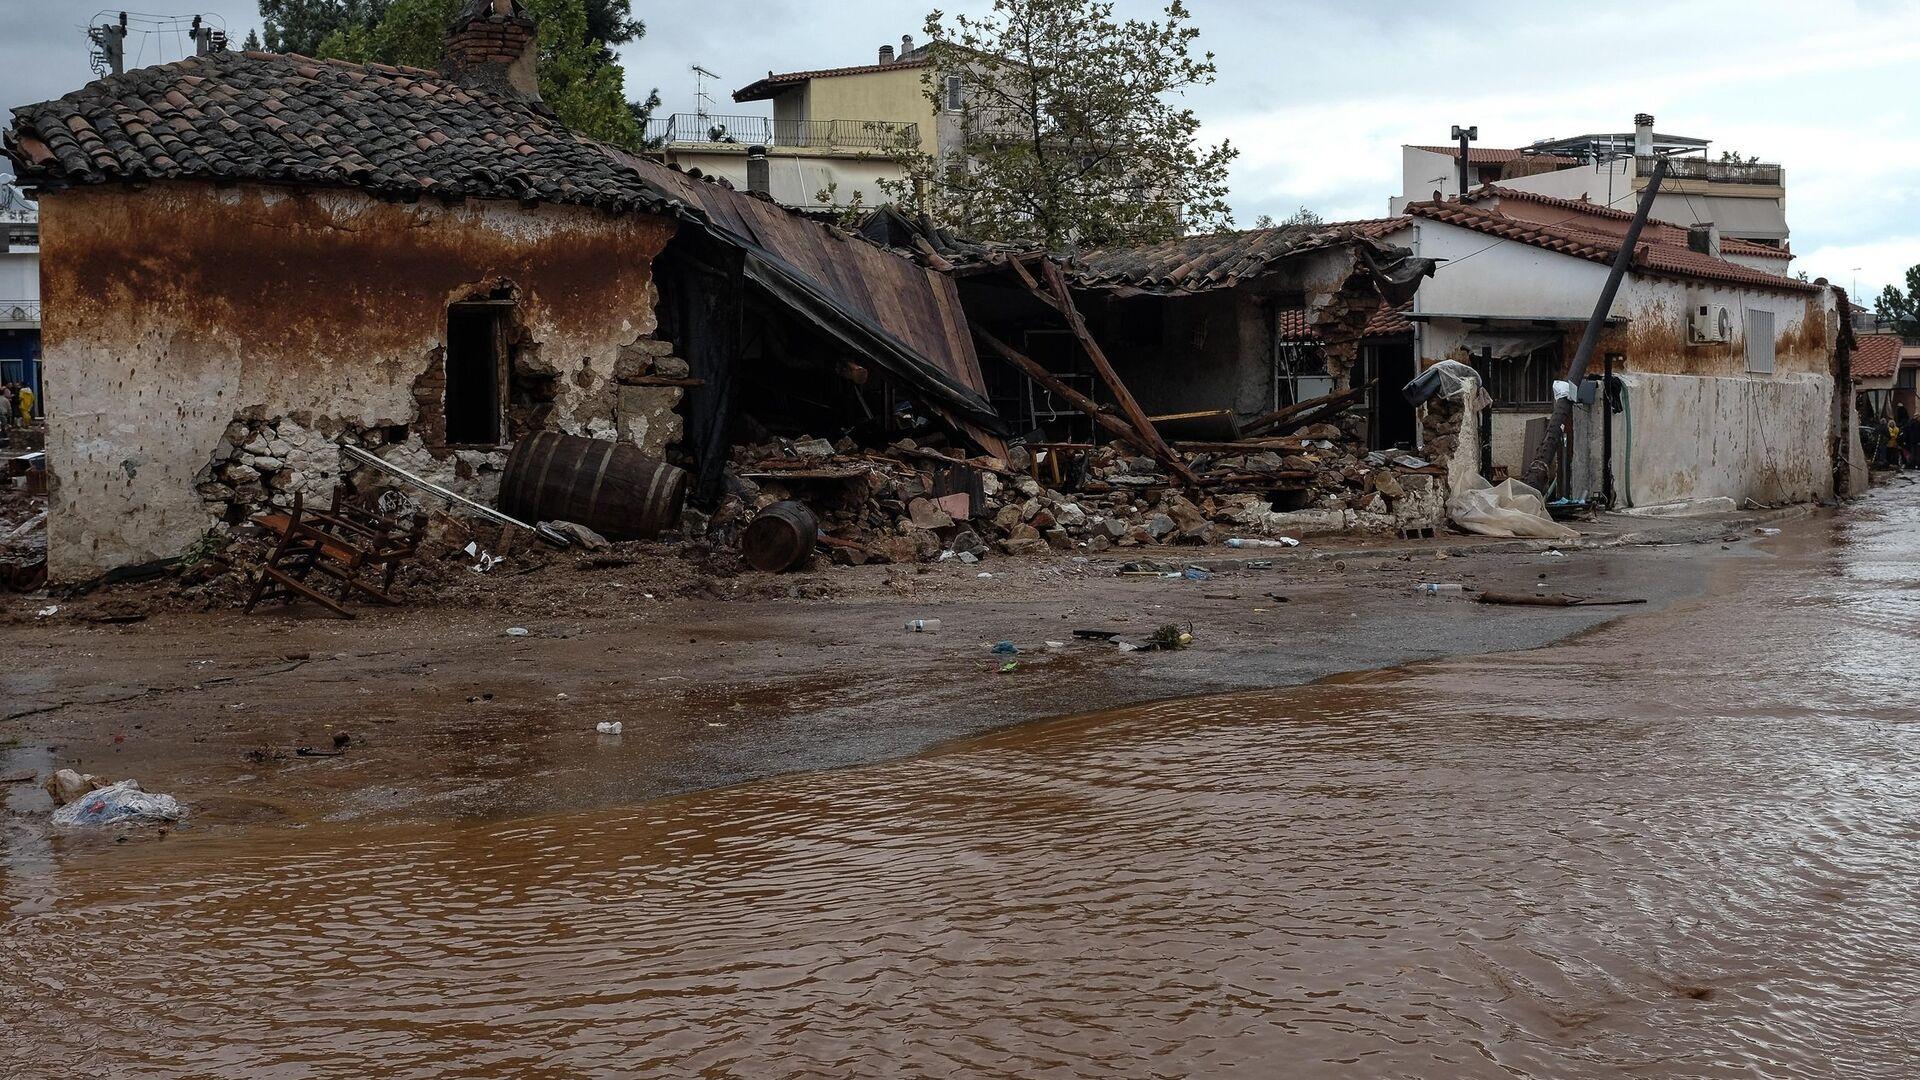 Εικόνα από την πλημμύρα στη Μάνδρα το 2017 - Sputnik Ελλάδα, 1920, 10.10.2021